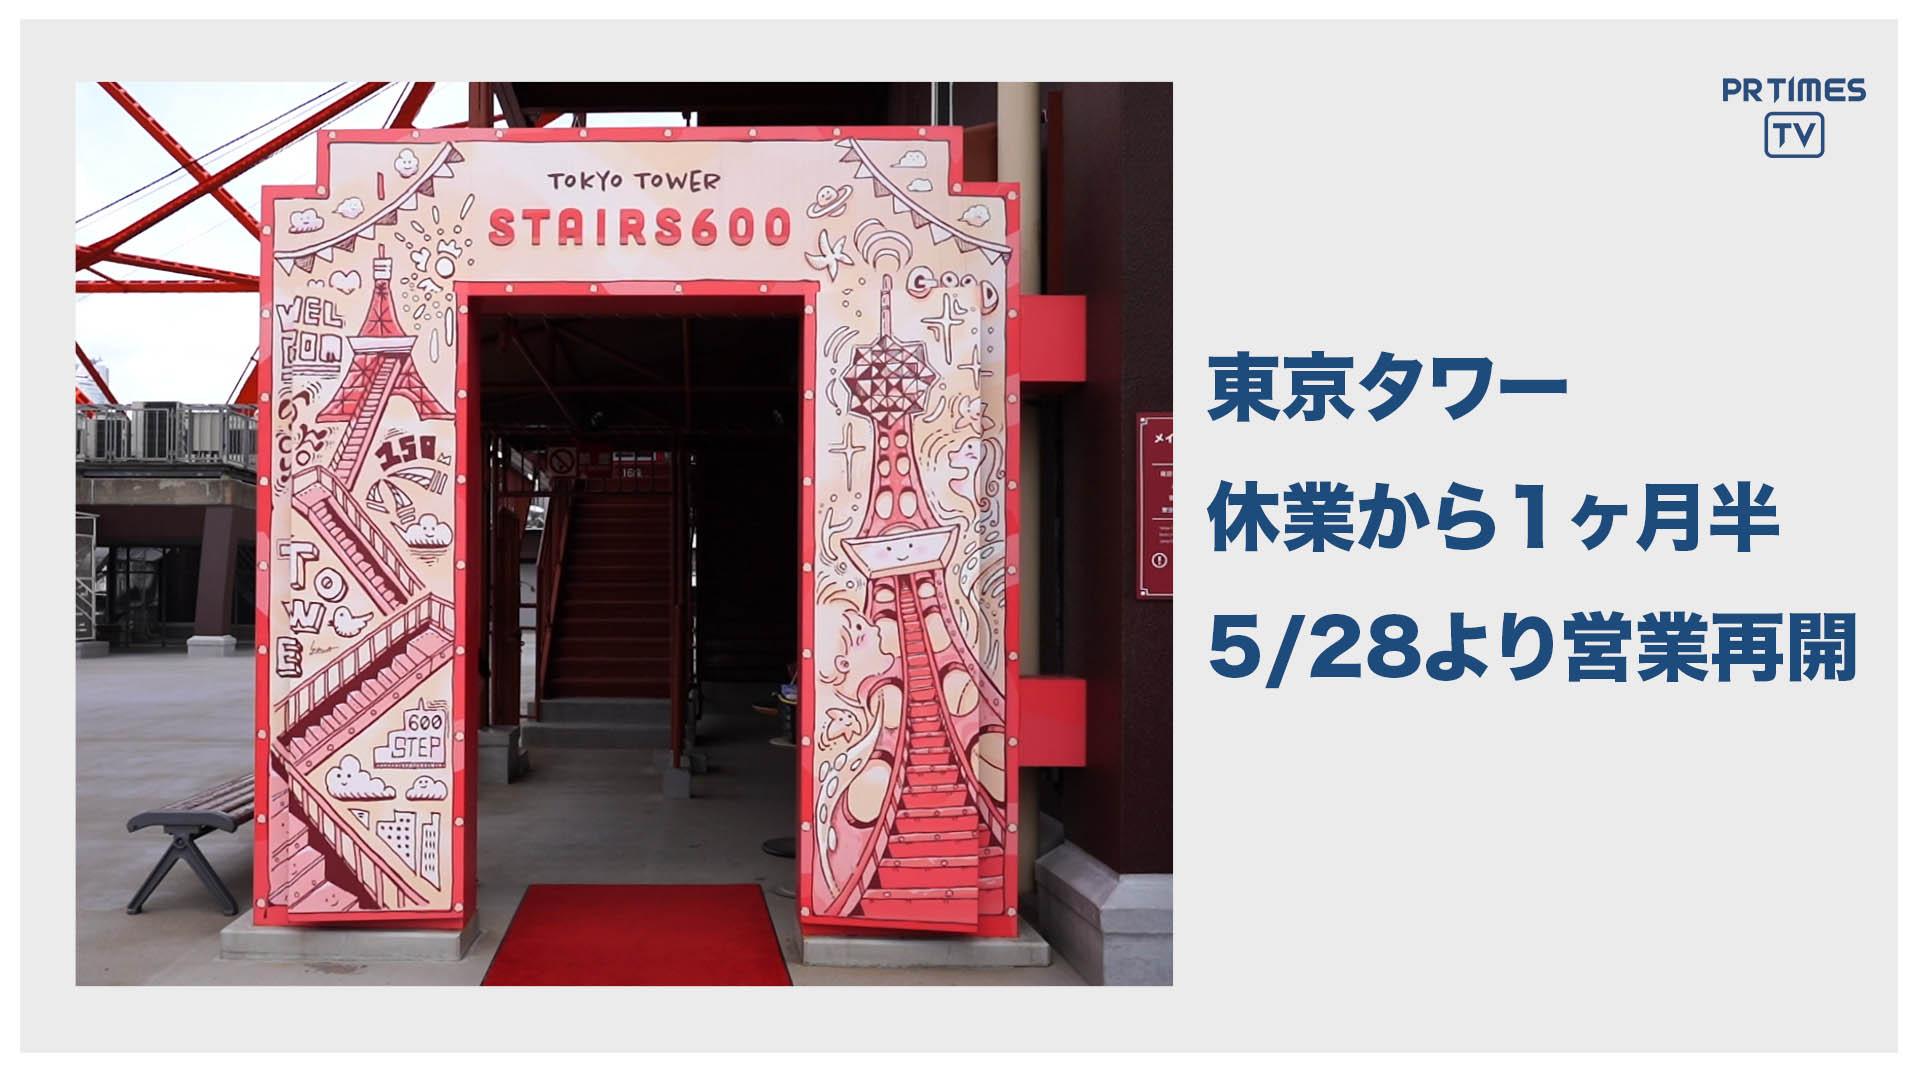 東京タワー 5月28日(木)から「オープンエア外階段ウォーク」コースをメインに、展望台の営業を再開